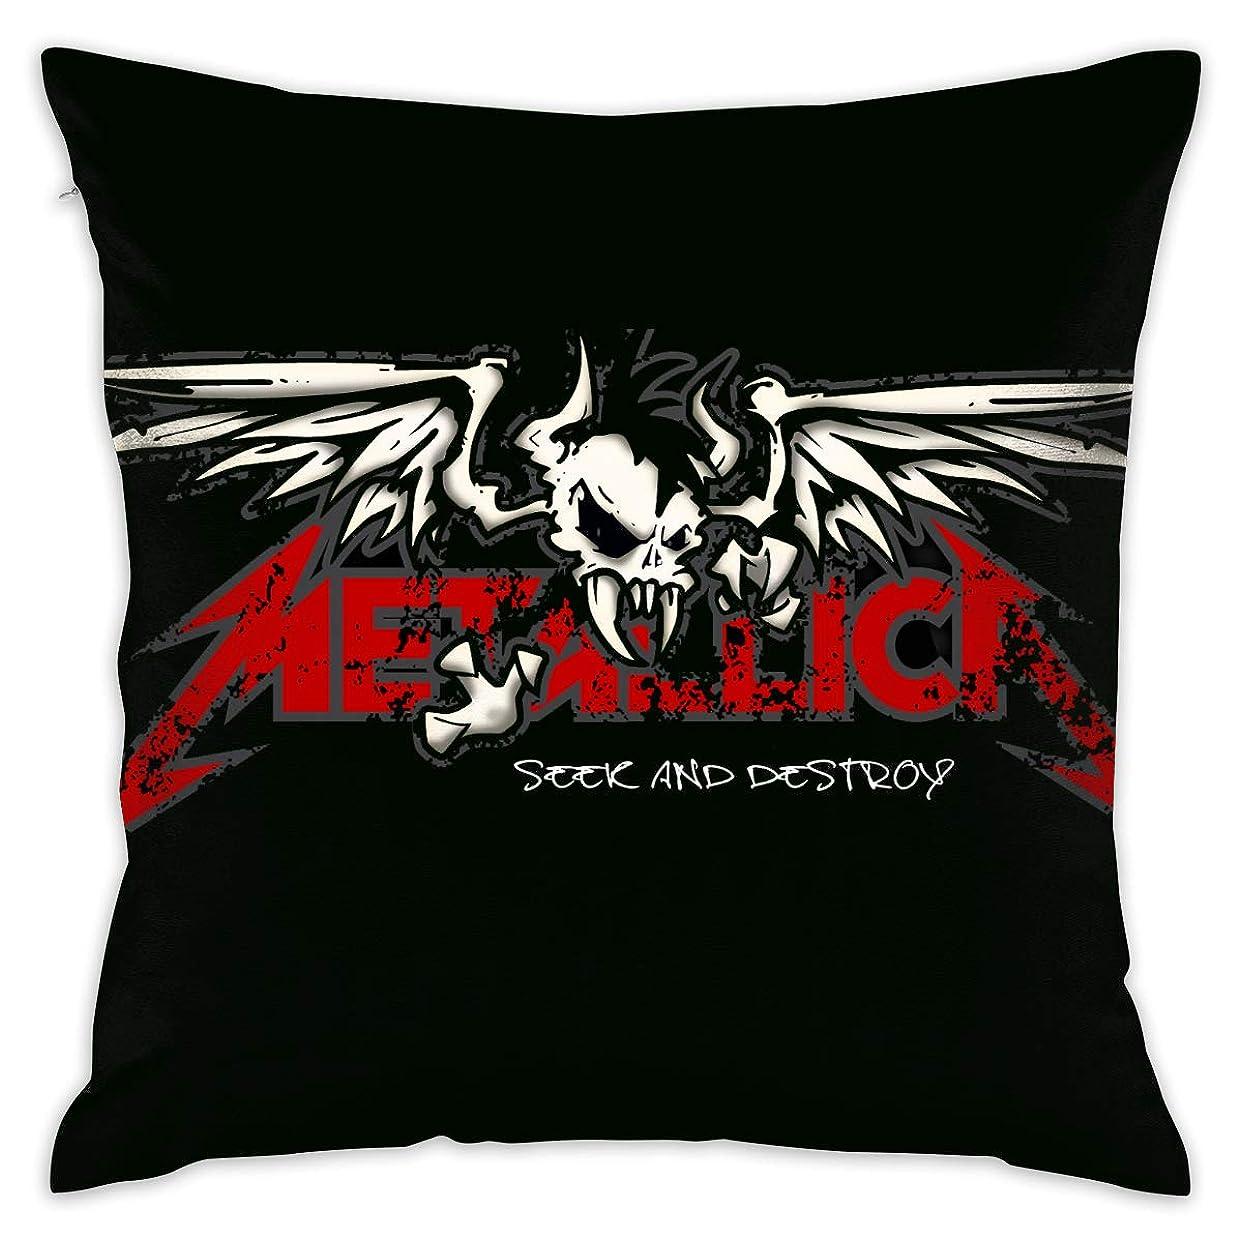 例市区町村連想枕カバー Metallica 100%ポリエステルの豪華な布抱き枕カバー45cm * 45cm